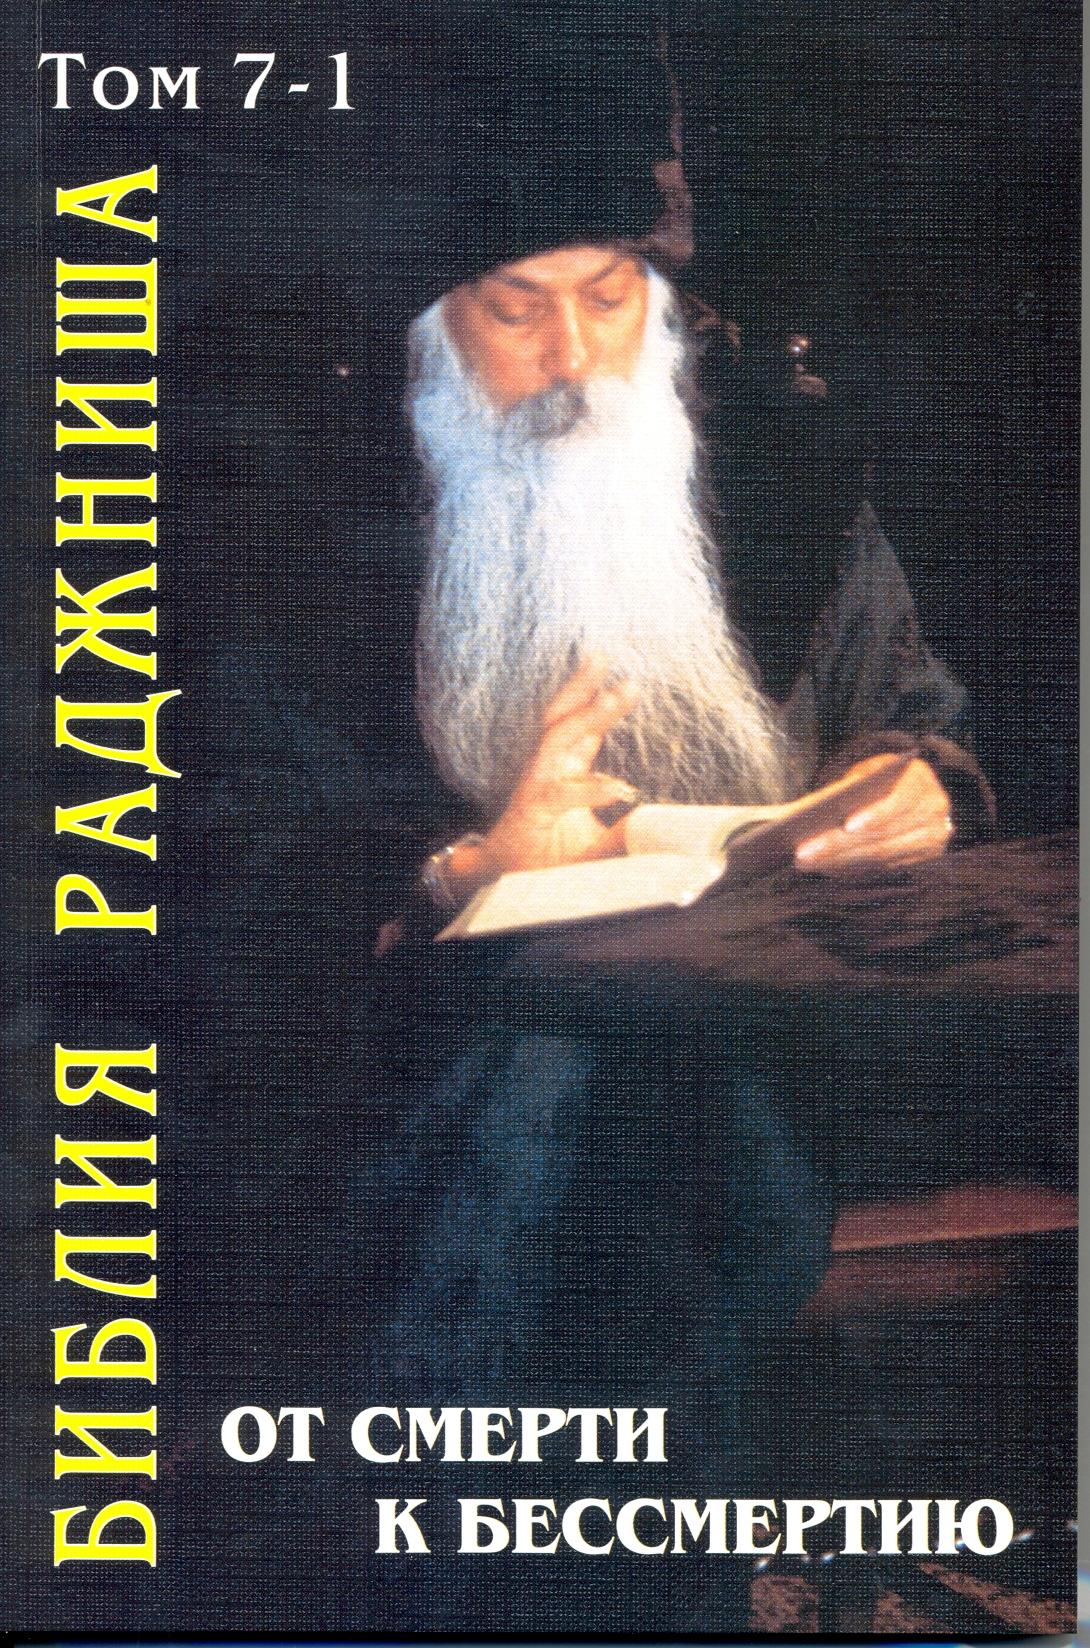 От смерти к бессмертию - Библия Раджниша Том 7-1